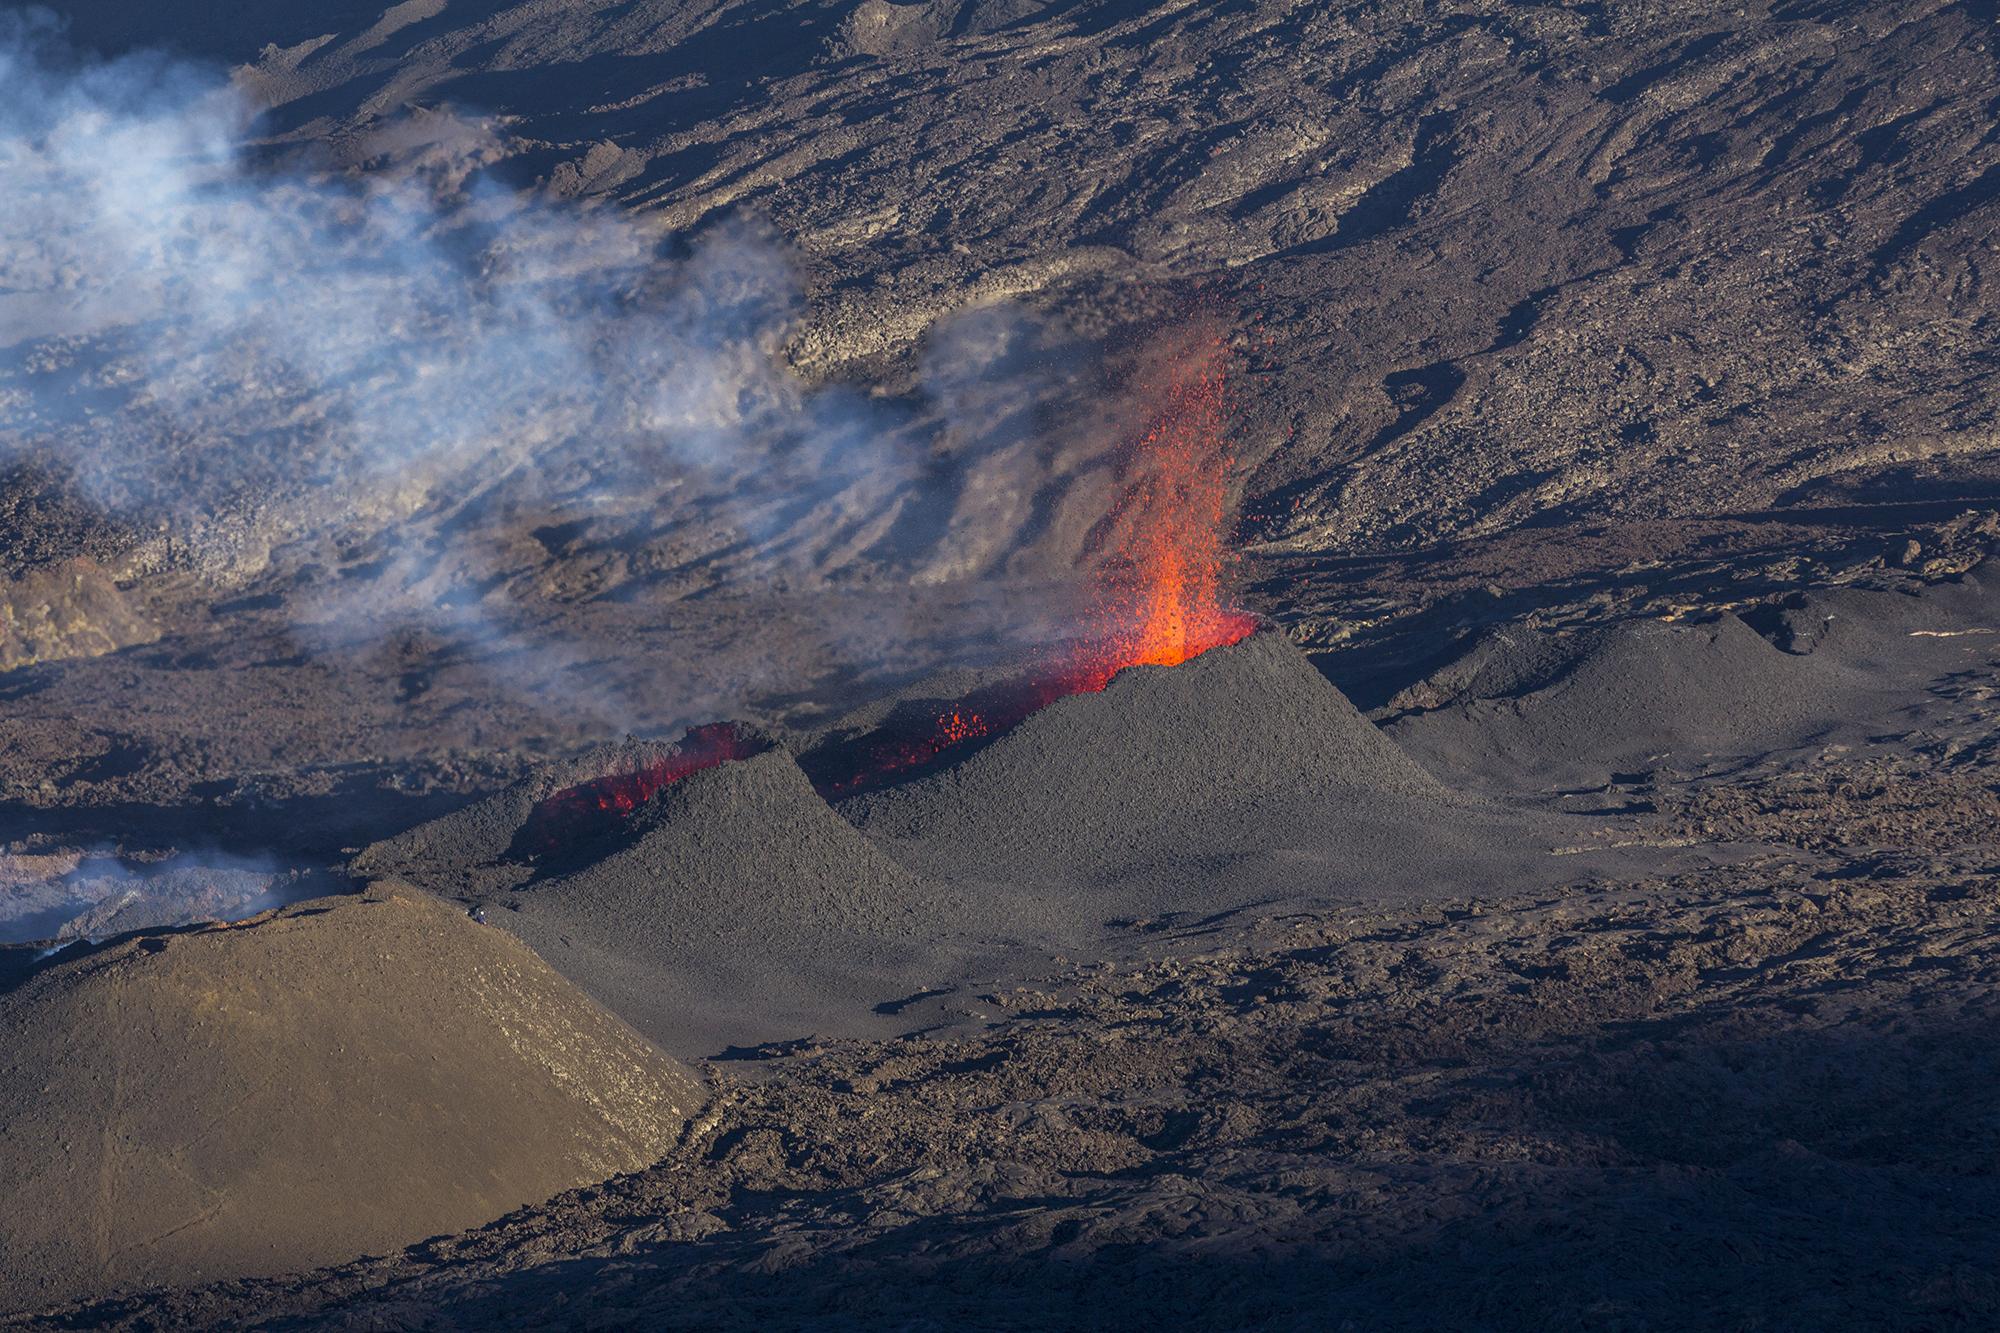 Éruption du Piton de la Fournaise en Août 2015 à la Réunion